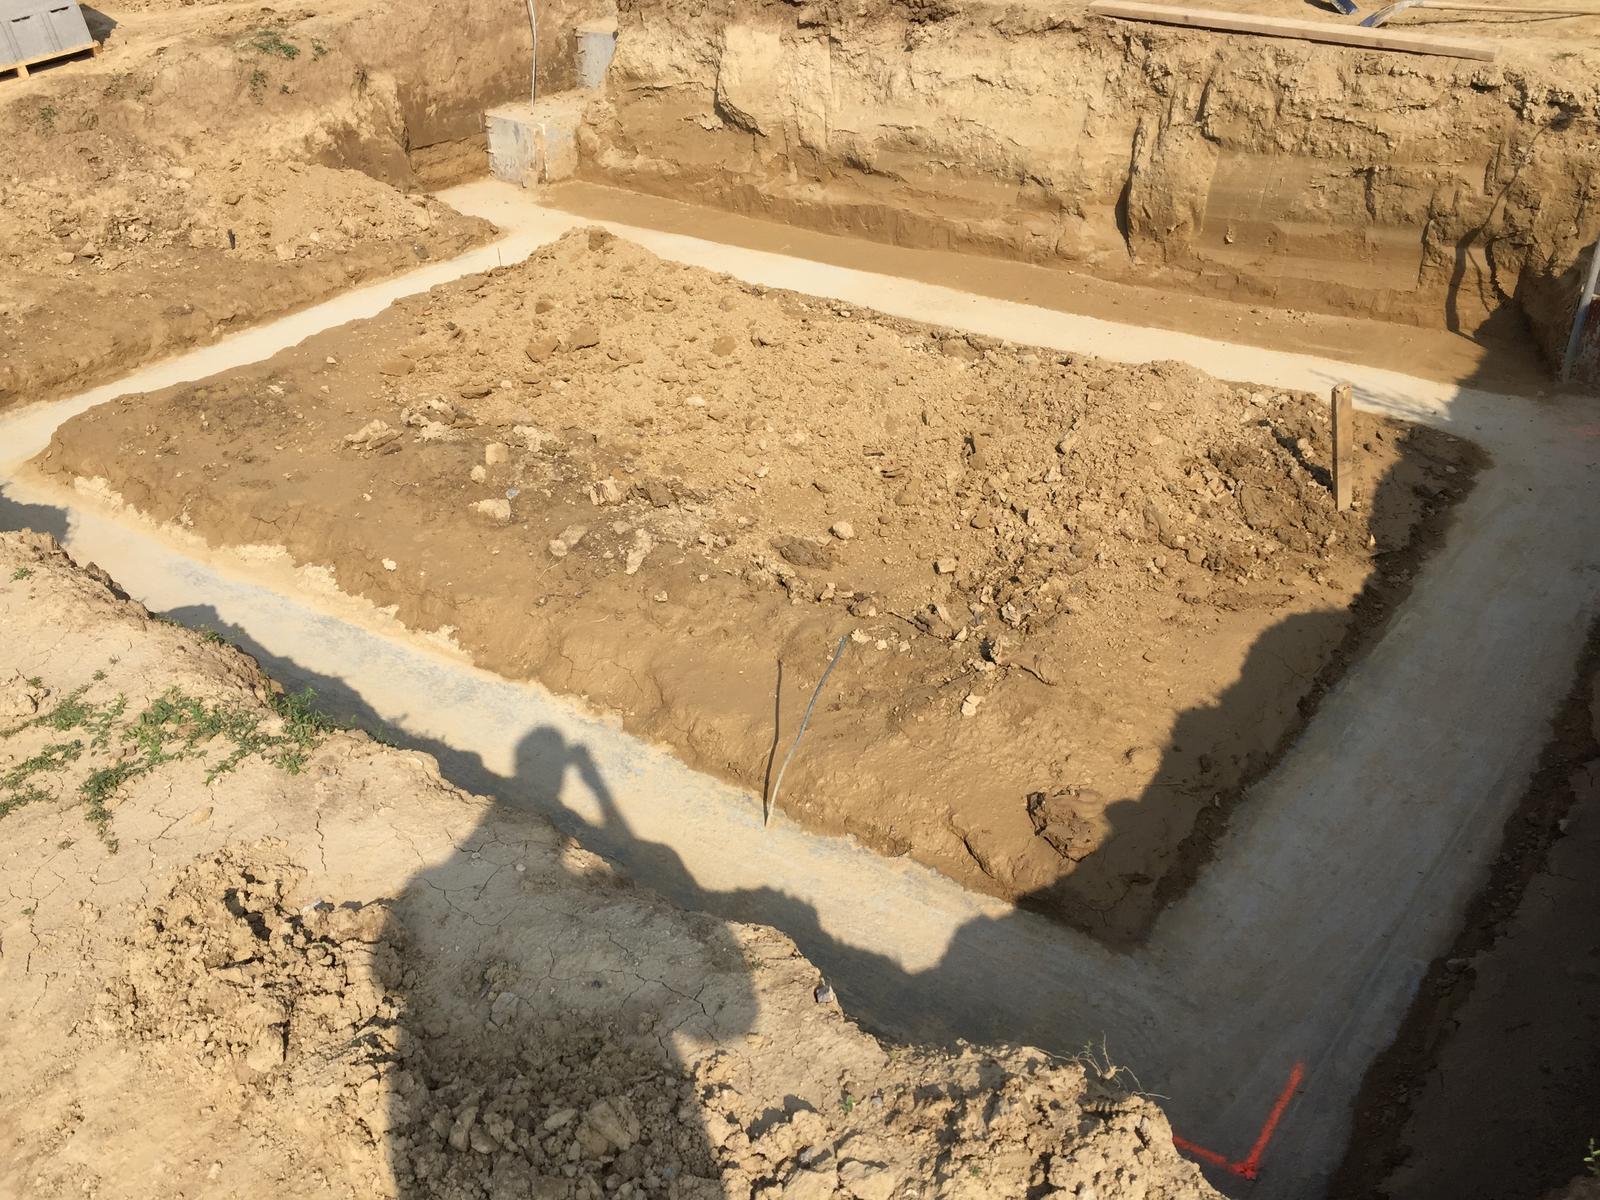 Srnka v Hájiku - 6.9.2018 - Zaklady vycistene, zostava odkopat a vyfurikovat vsetku zem ktora je vyssie ako 20cm nad pasom a potom takto isto aj v hornej casti